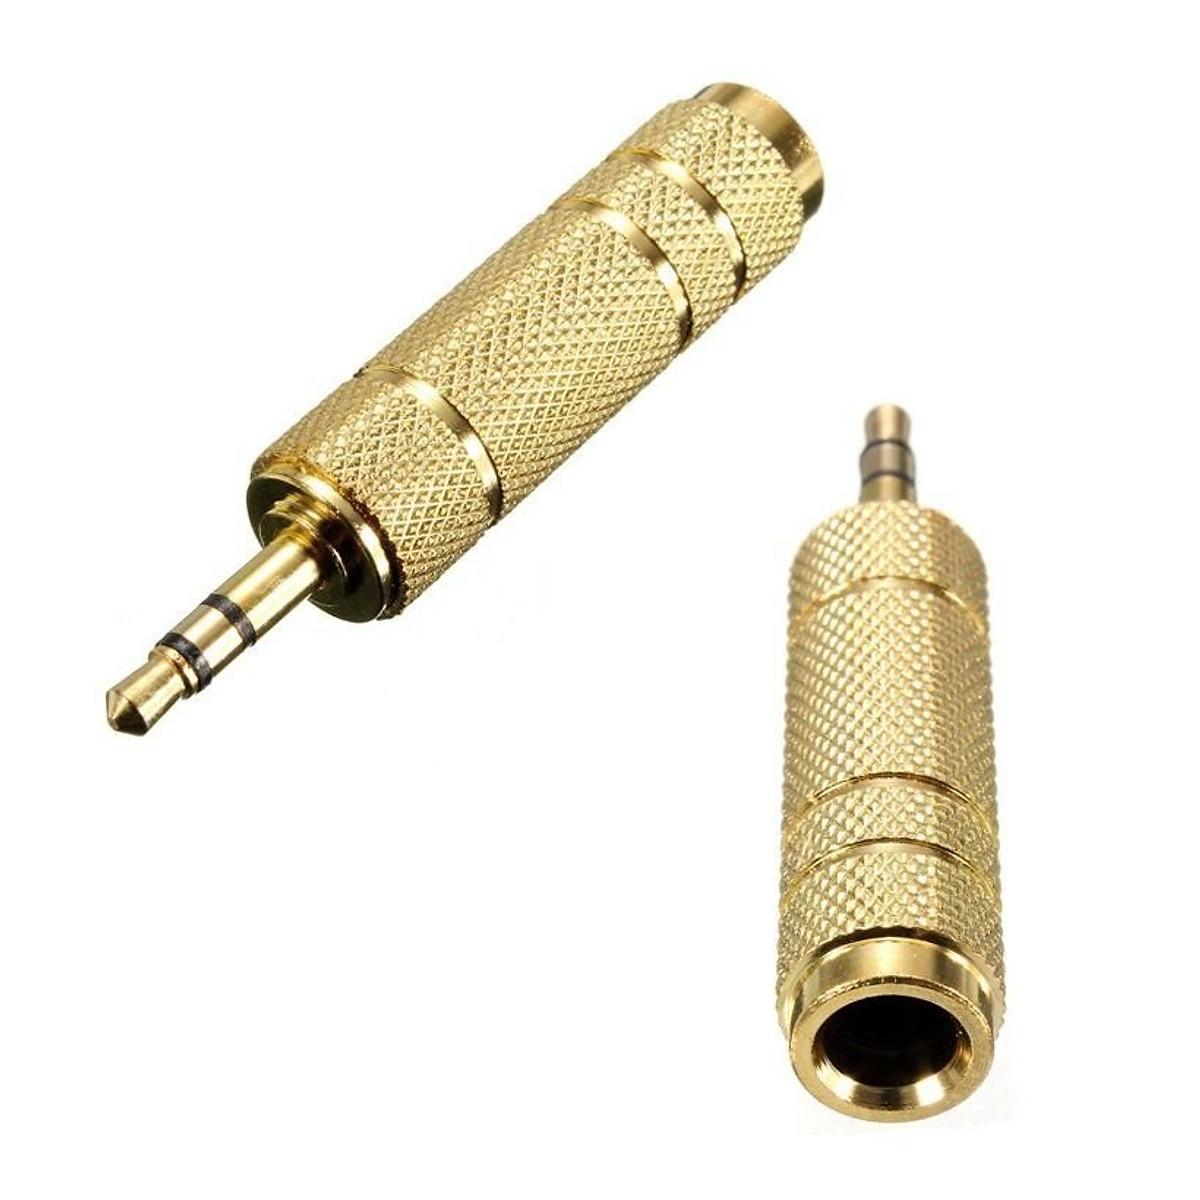 Đầu chuyển đổi âm thanh 3,5mm Dương ra 6,5mm ÂM - 6,5mm Âm sang 3,5mm Dương